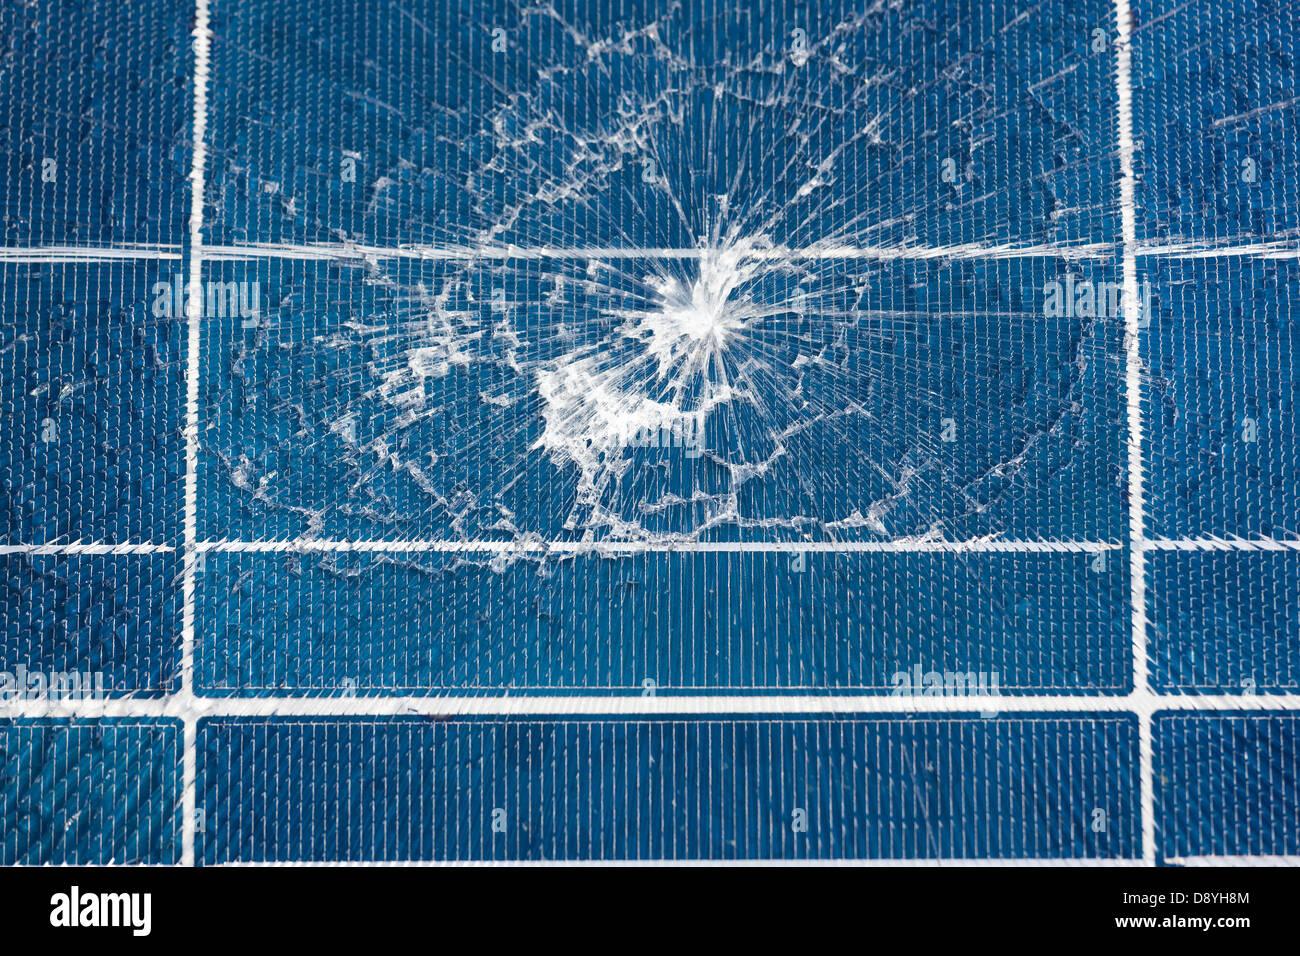 Panneau solaire chinois endommagés cassés à cause de l'impact. Shattered glass burst fissuré près. Importé de l'importation, Banque D'Images